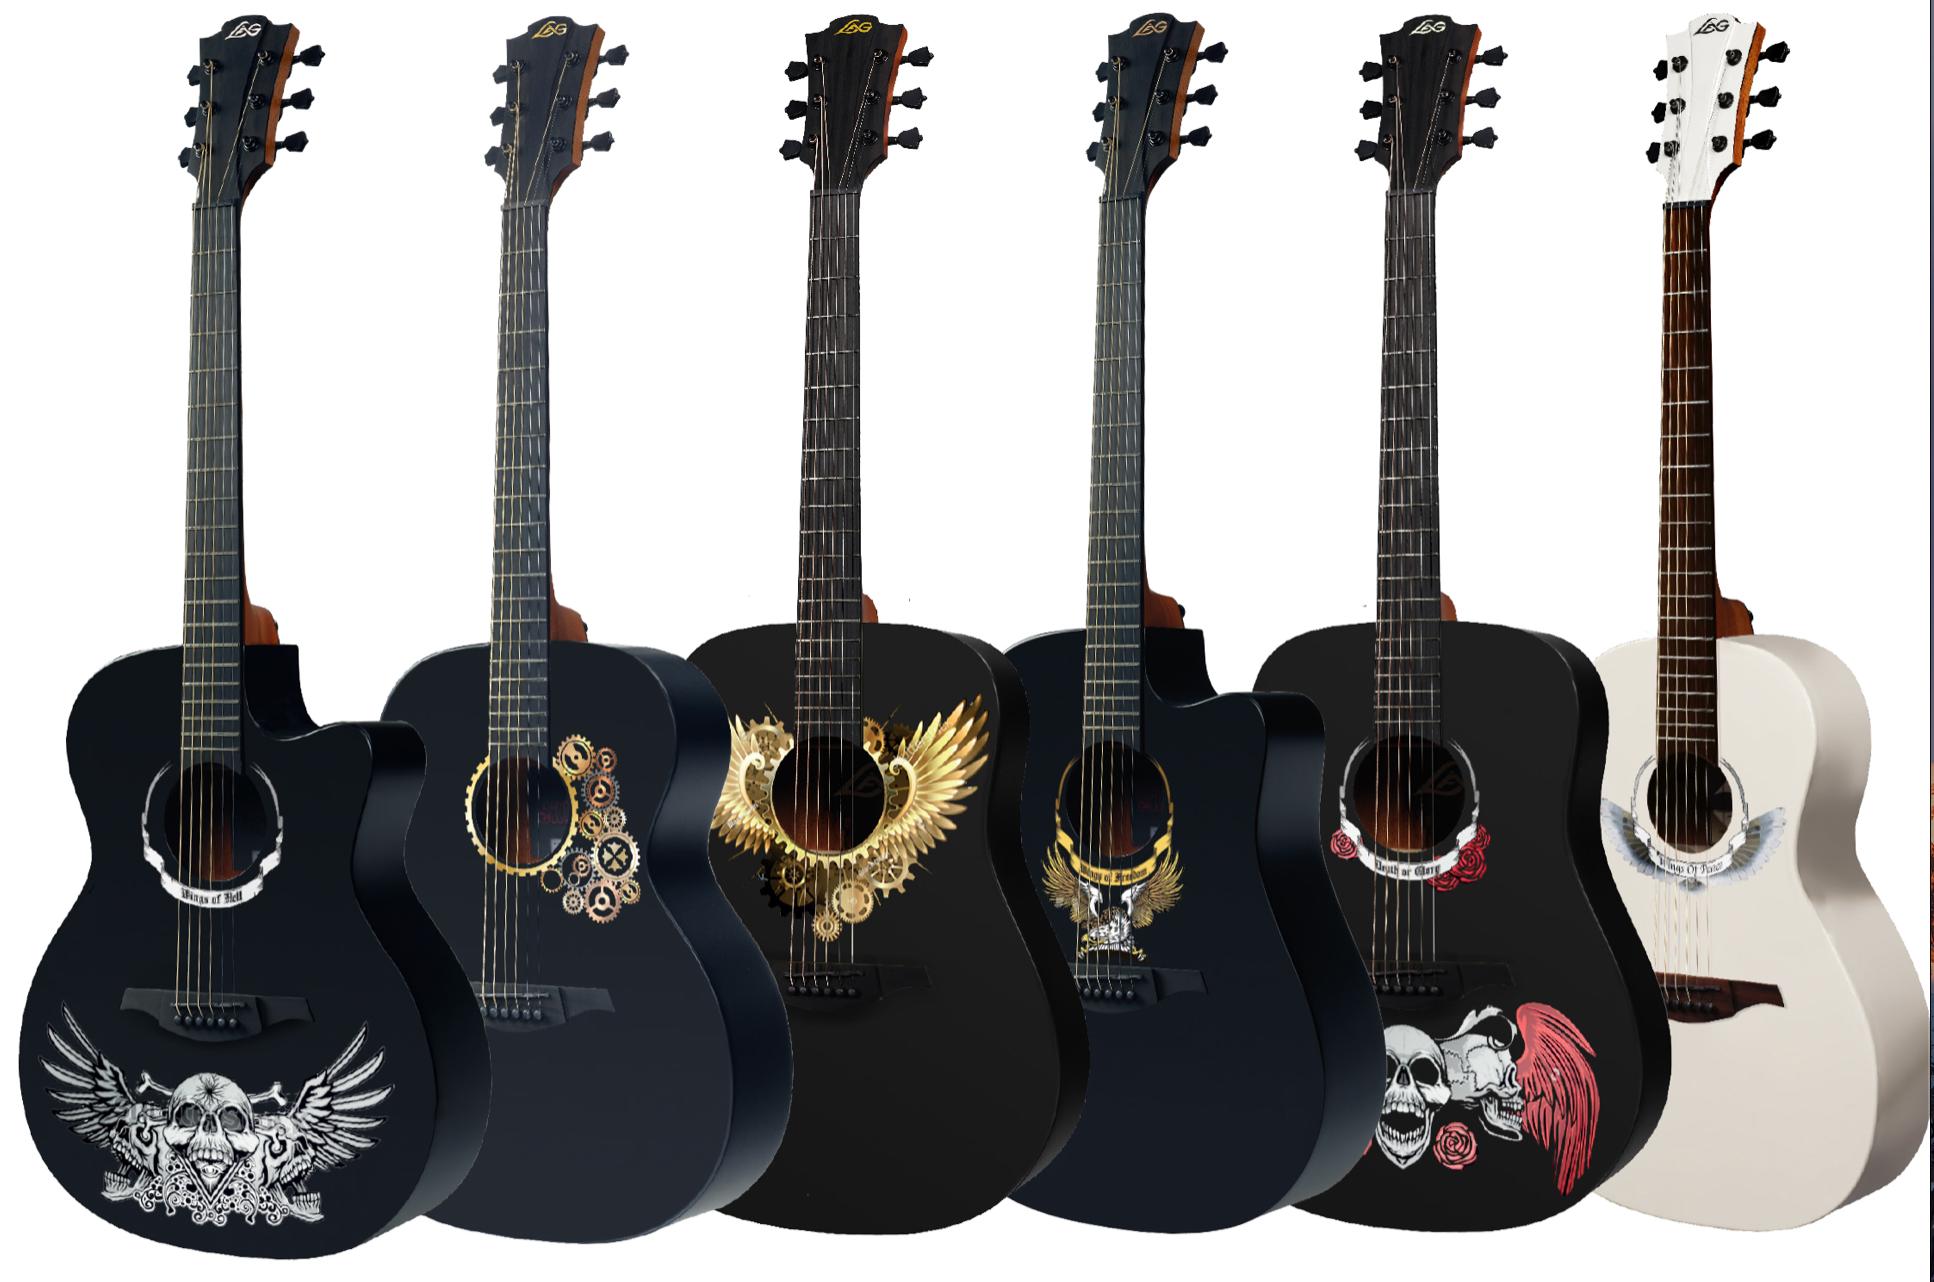 Guitare folk Lag, Guitare acoustique HyVibes Lag, guitare aux cordes nylon Lag